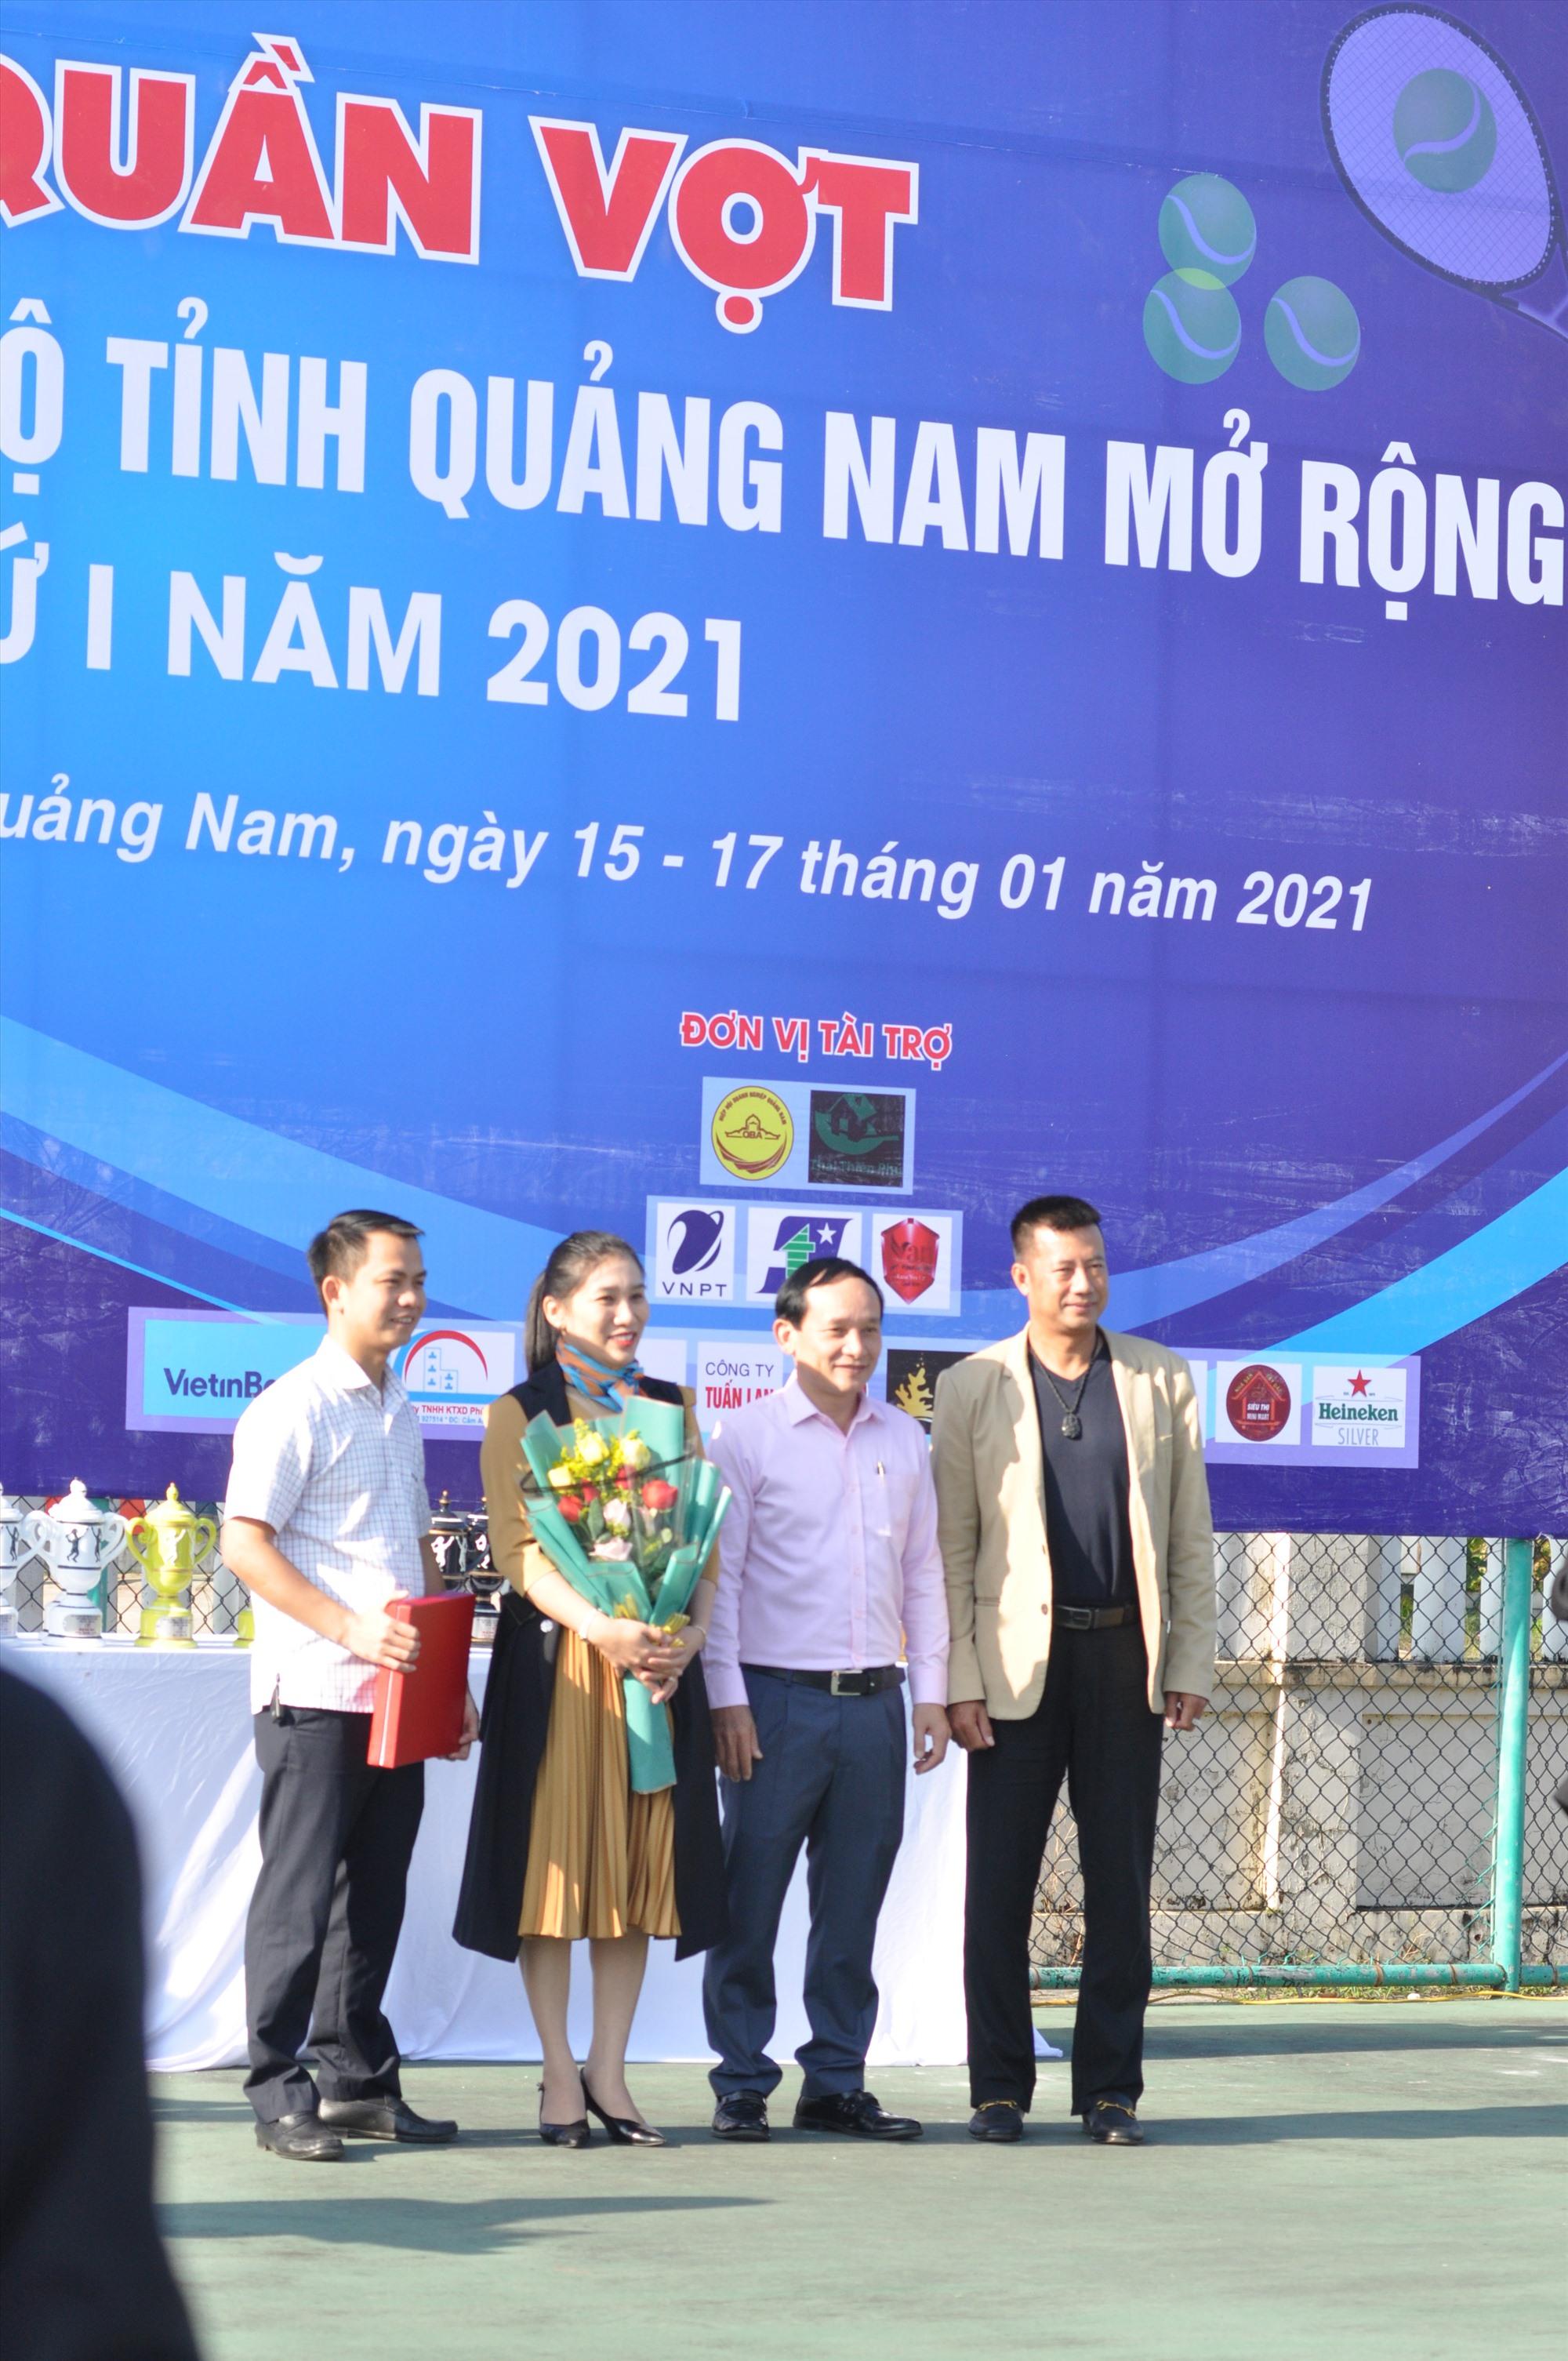 HLV Trương Quang Vũ chụp ảnh kỷ niệm cùng các đại biểu và tay vợt dự giải. Ảnh: T.V